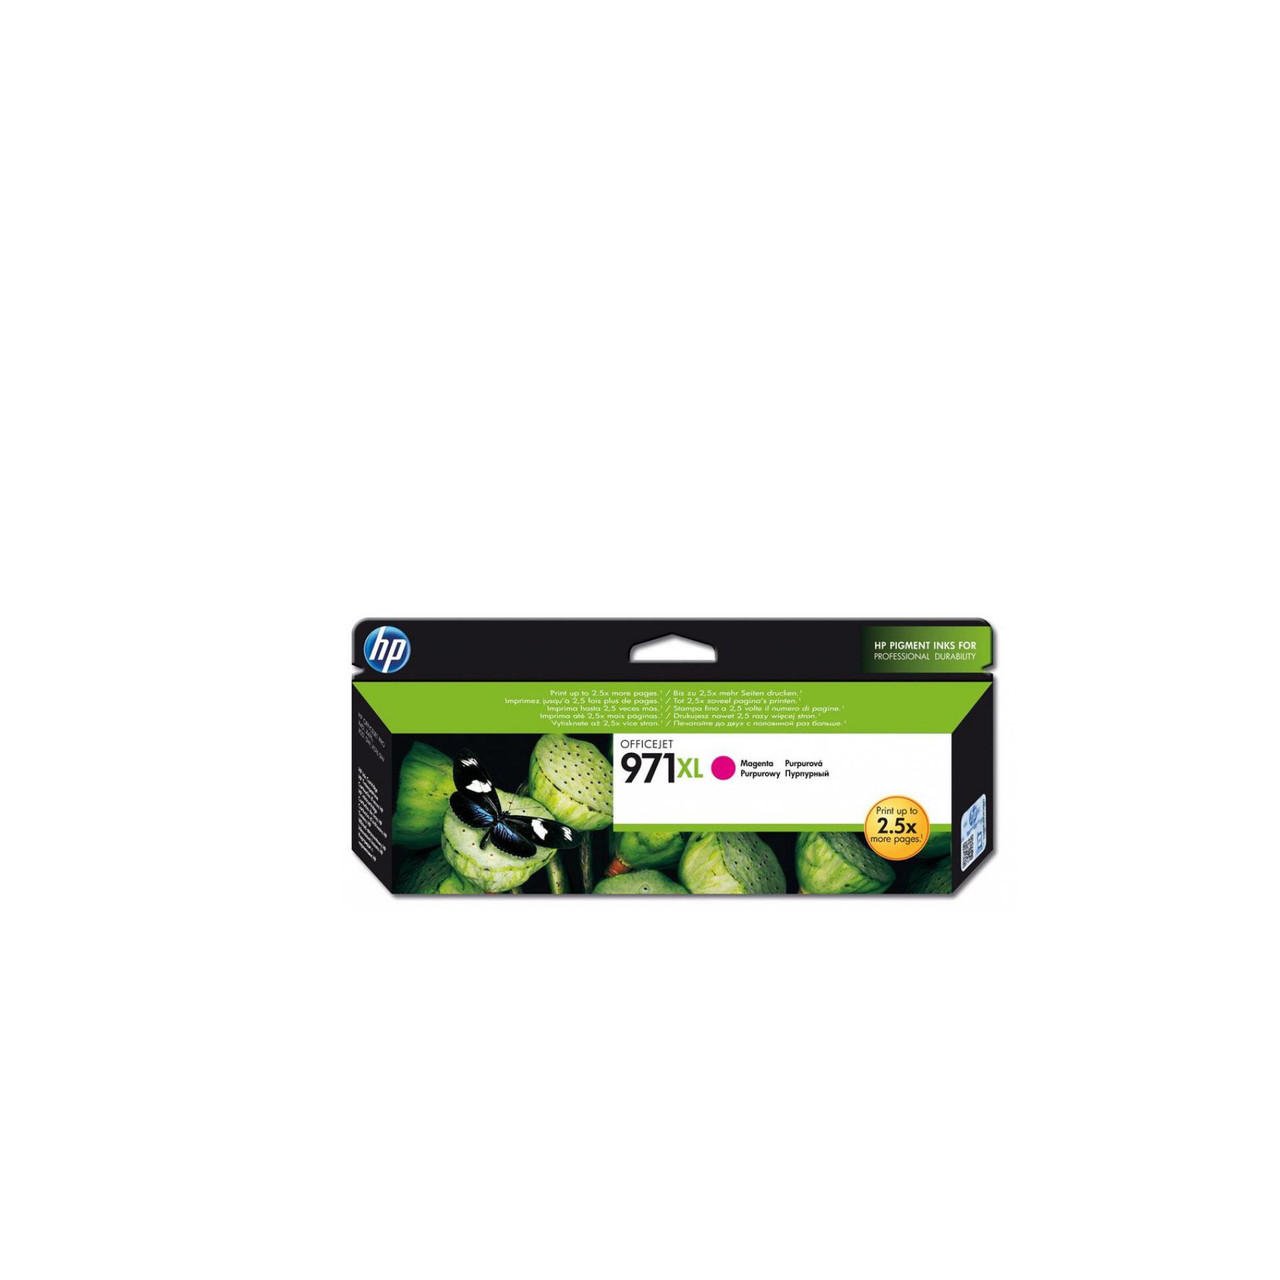 Струйный картридж HP 971XL (Оригинальный, Пурпурный - Magenta) CN627AE